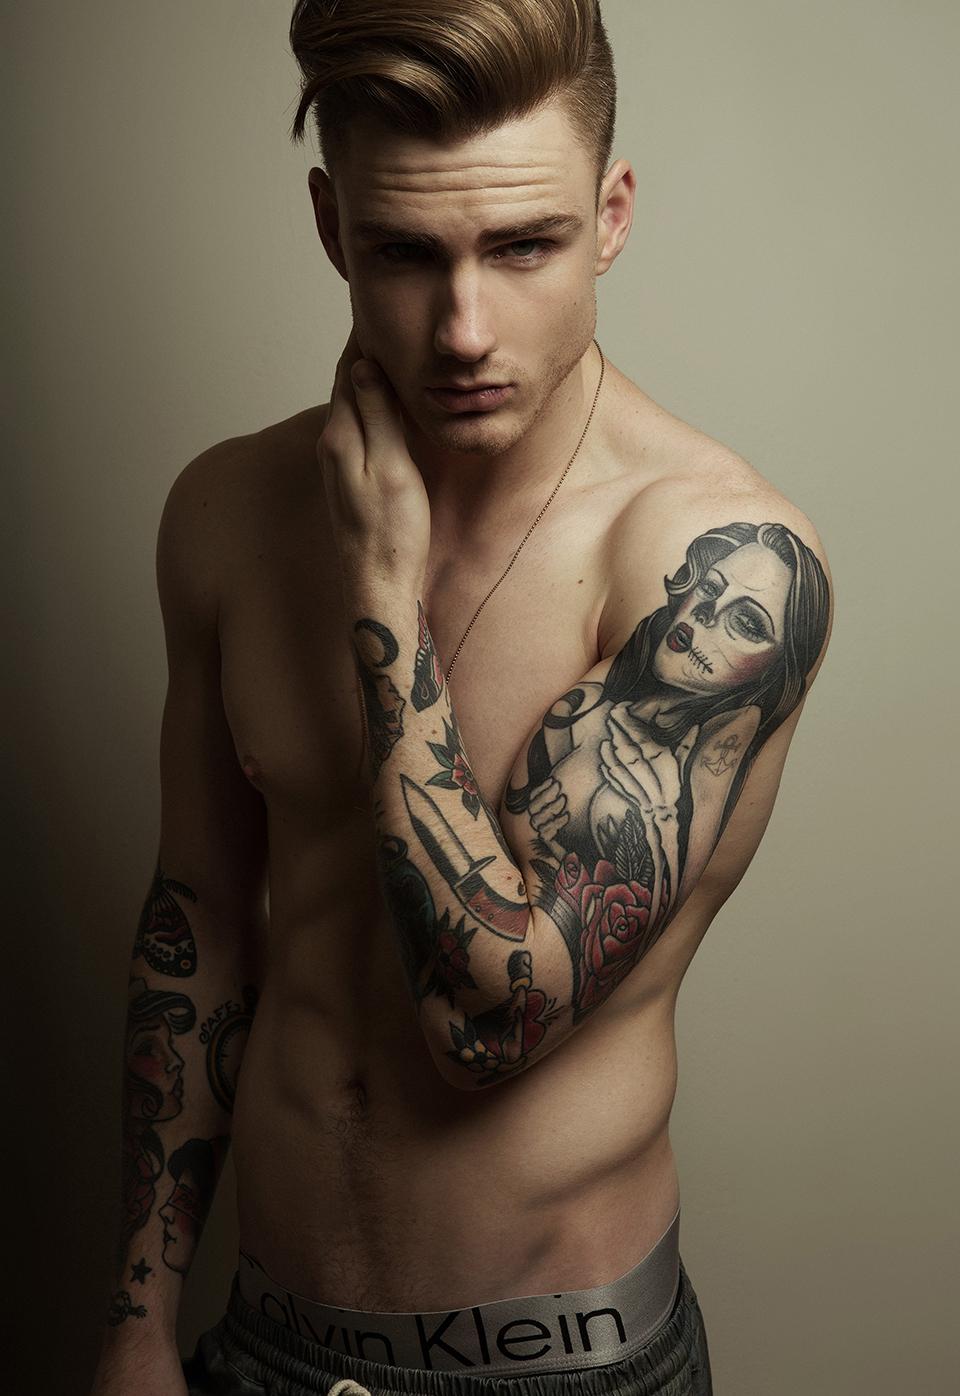 Модели мужчины с татуировками